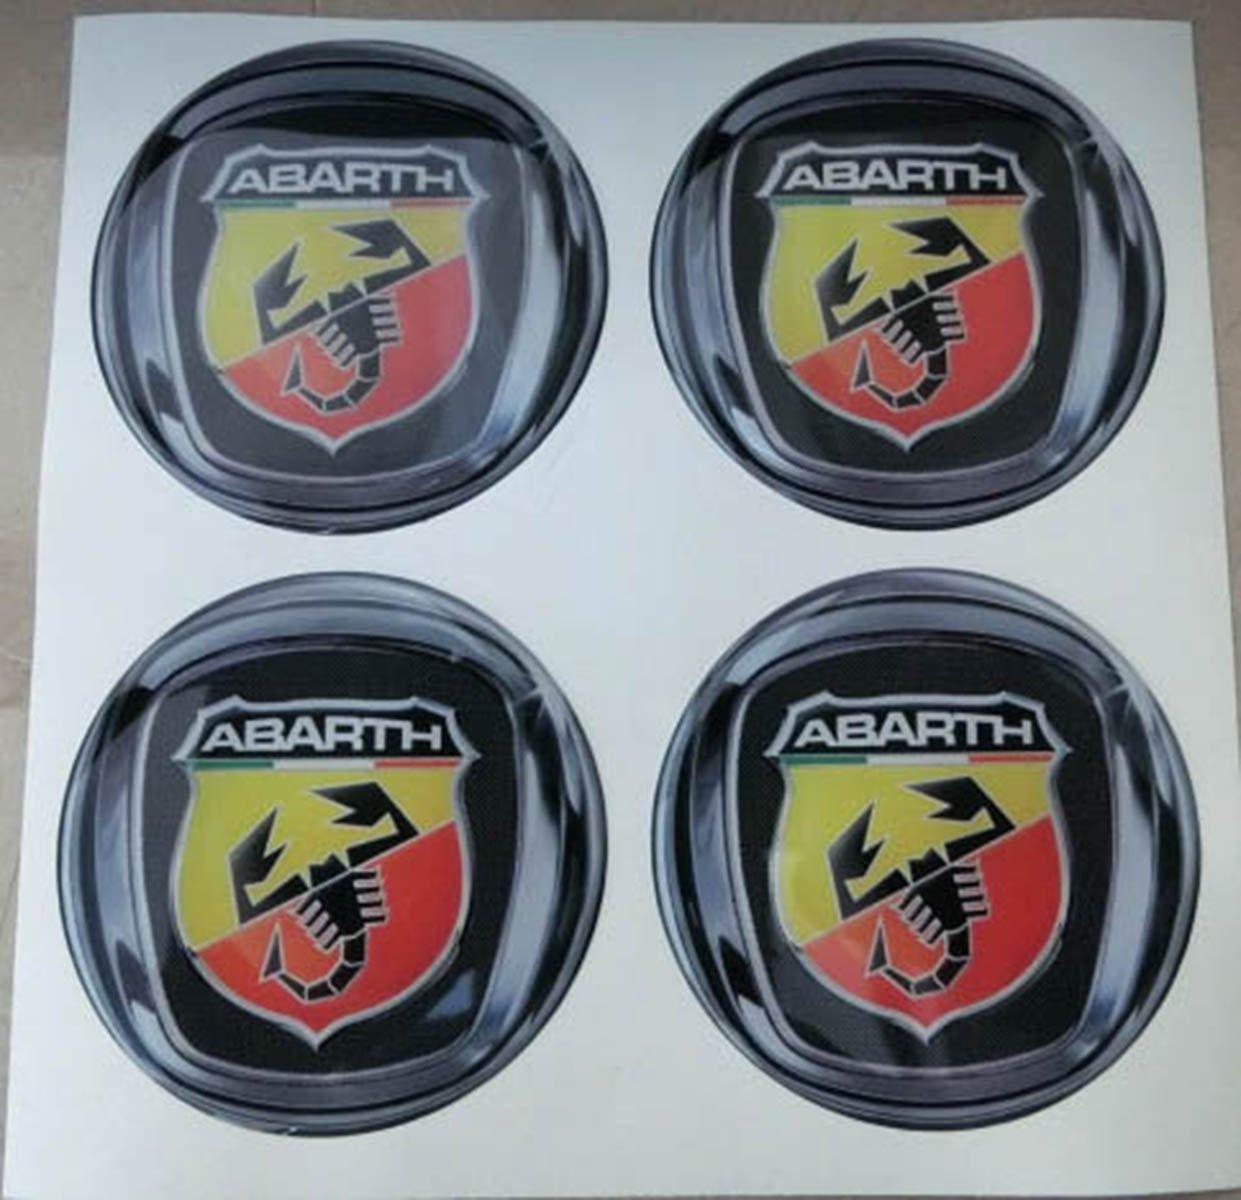 55 mm colori tuning effetto 3d 3m resinato coprimozzi borchie caps adesivi stickers per cerchi in lega x 4 pezzi